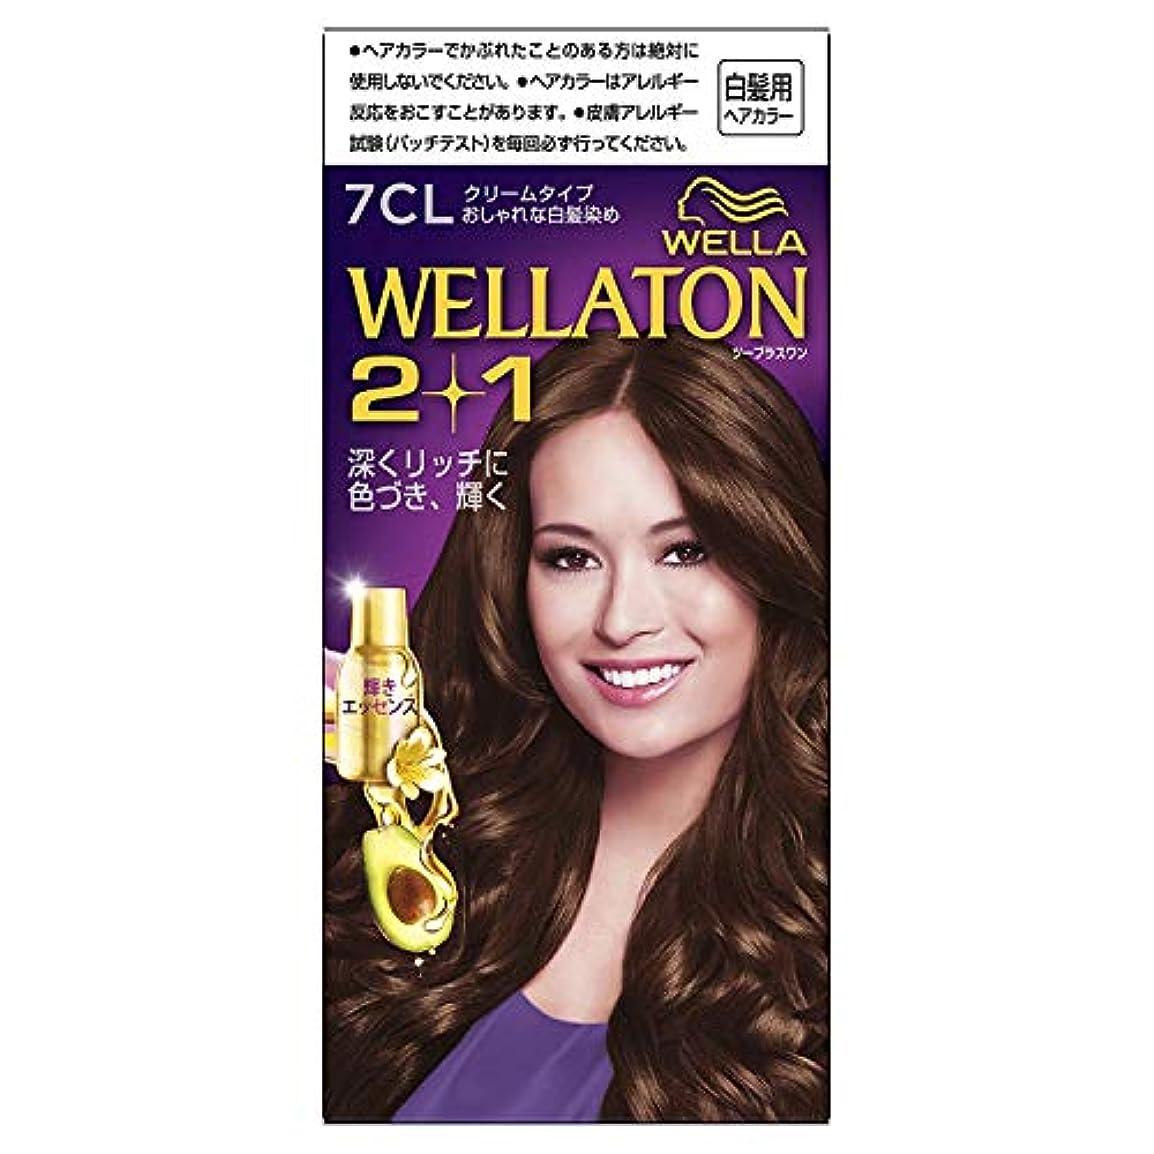 冊子アトミック砂利ウエラトーン2+1 白髪染め クリームタイプ 7CL [医薬部外品]×3個